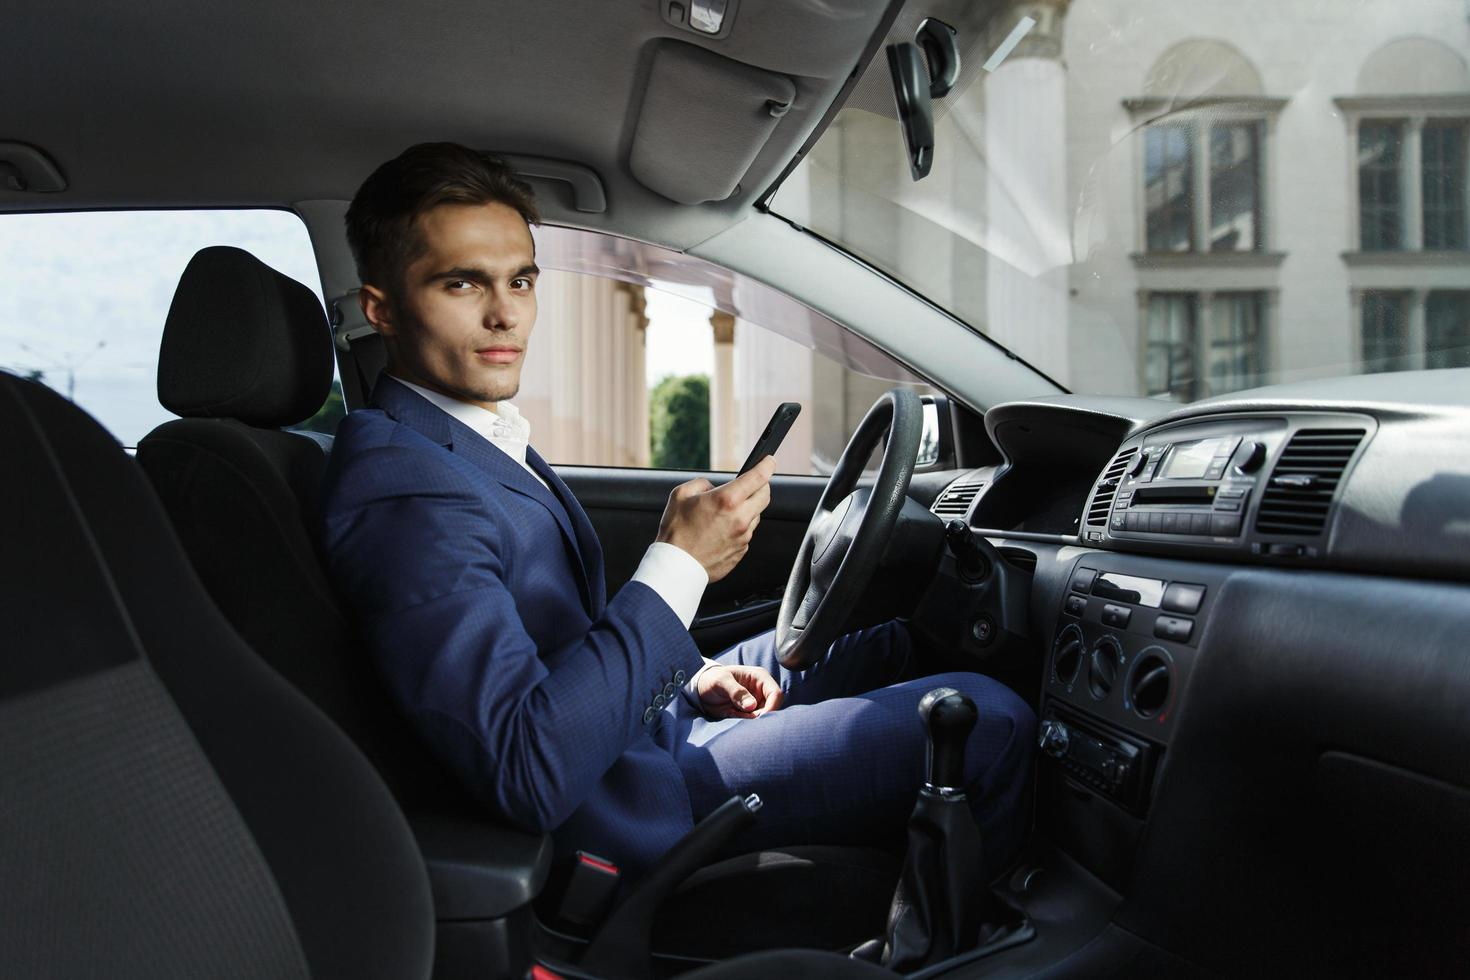 le affärsman sitter inne i bilen och arbetar med sin smartphone foto